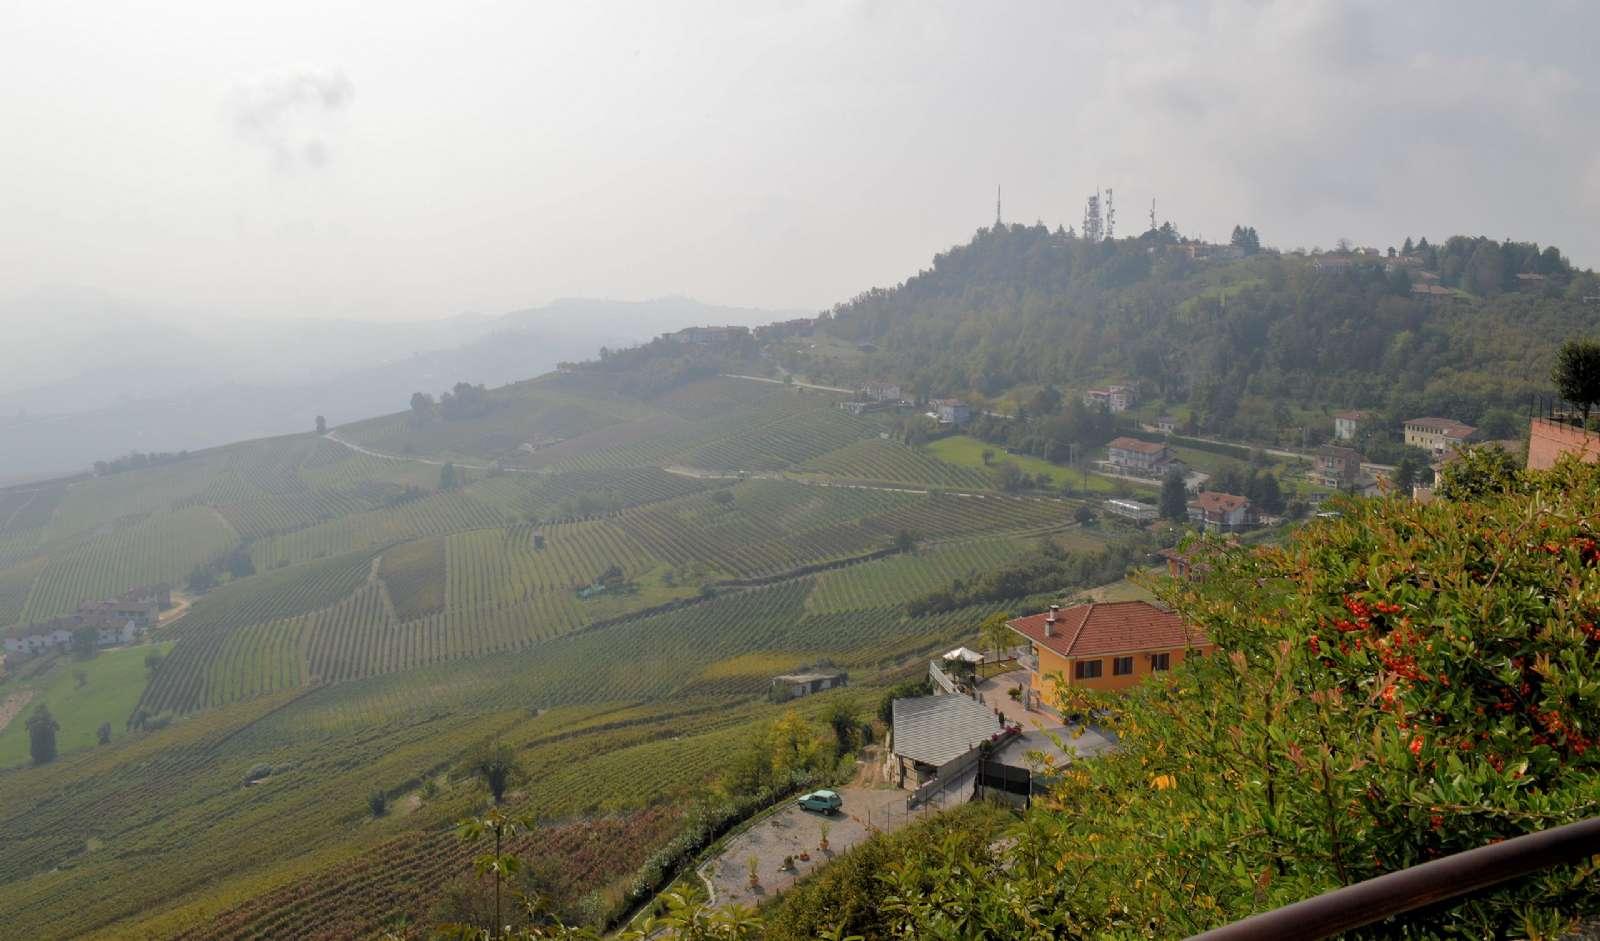 Udsigten over vinmarkerne fra La Morra